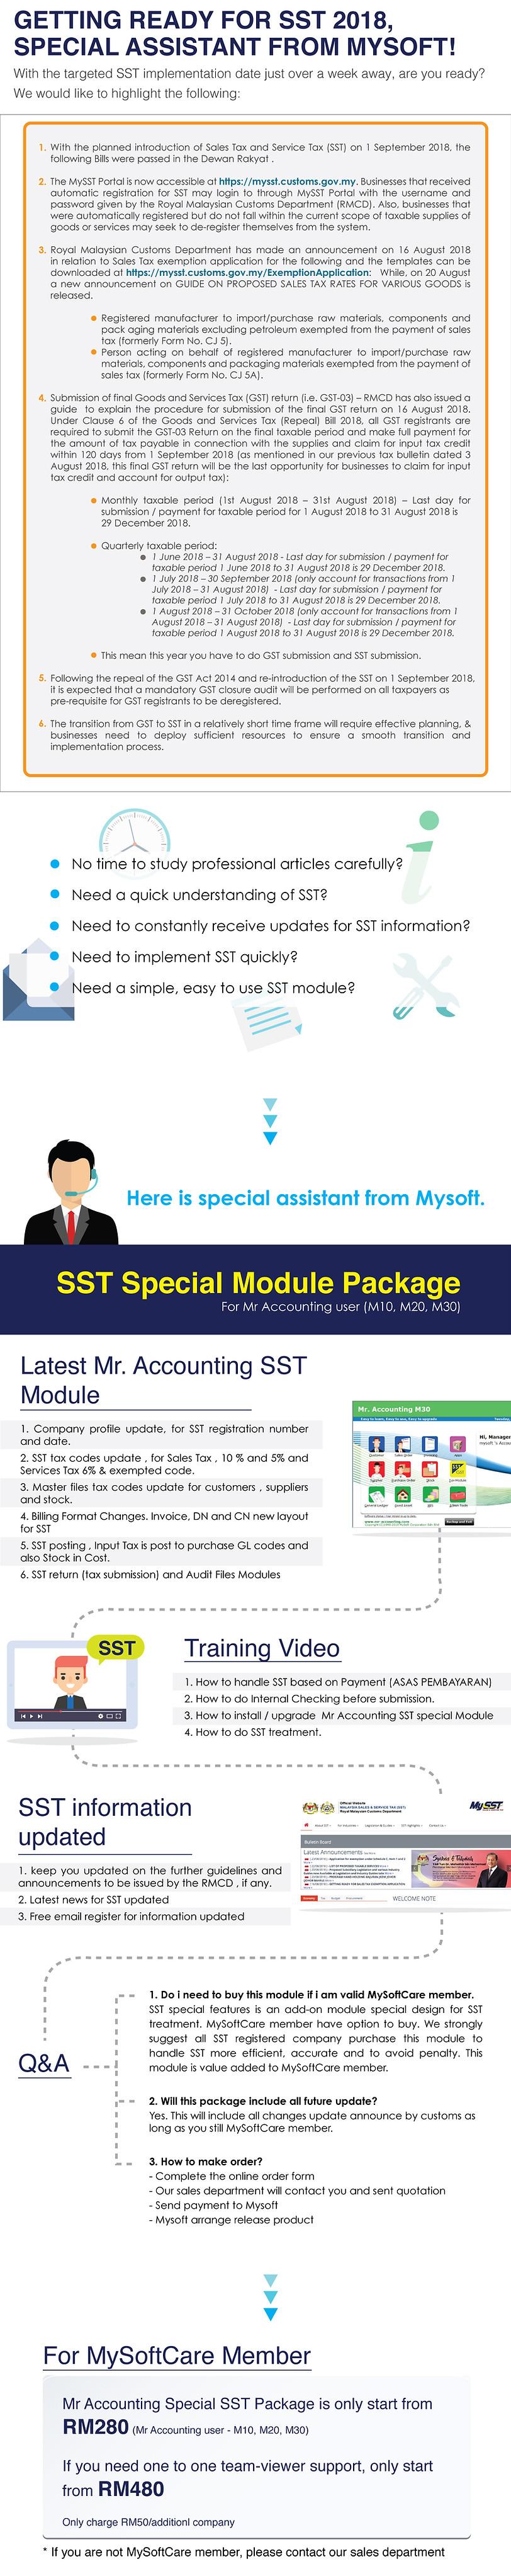 sst-package.jpg